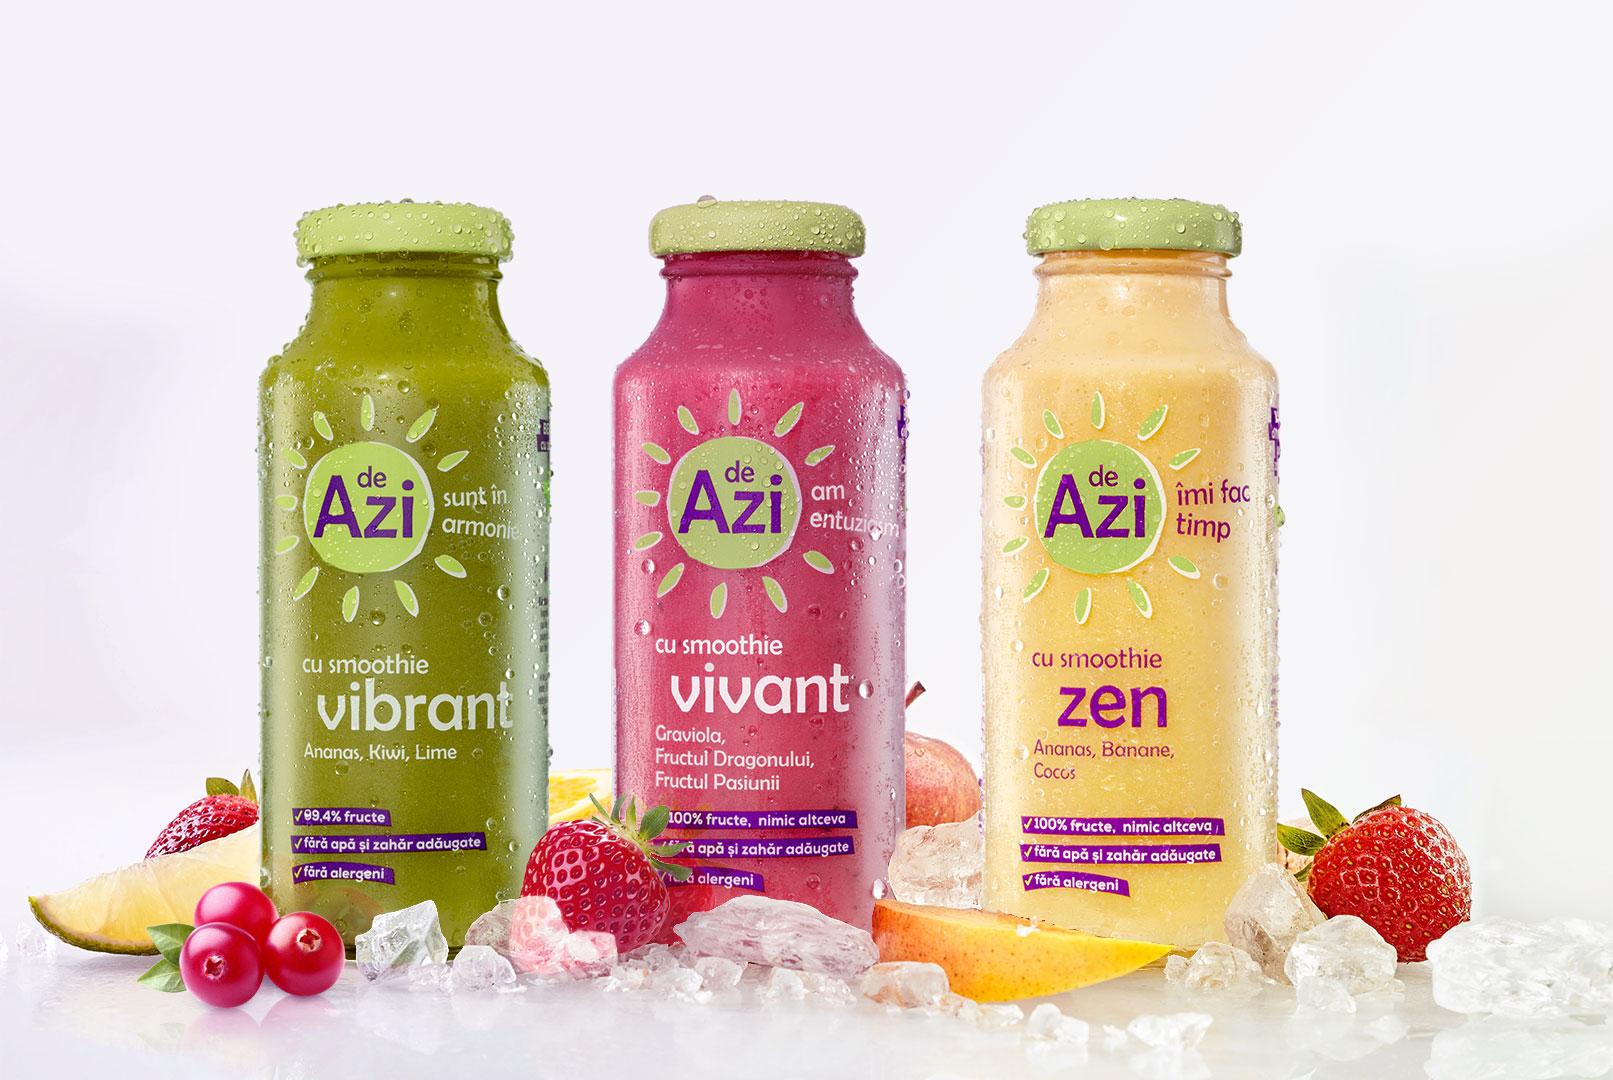 """Prefera Foods investeste 4 milioane de euro in noua gama de produse """"de Azi"""", care include supe, sucuri si smoothie-uri"""